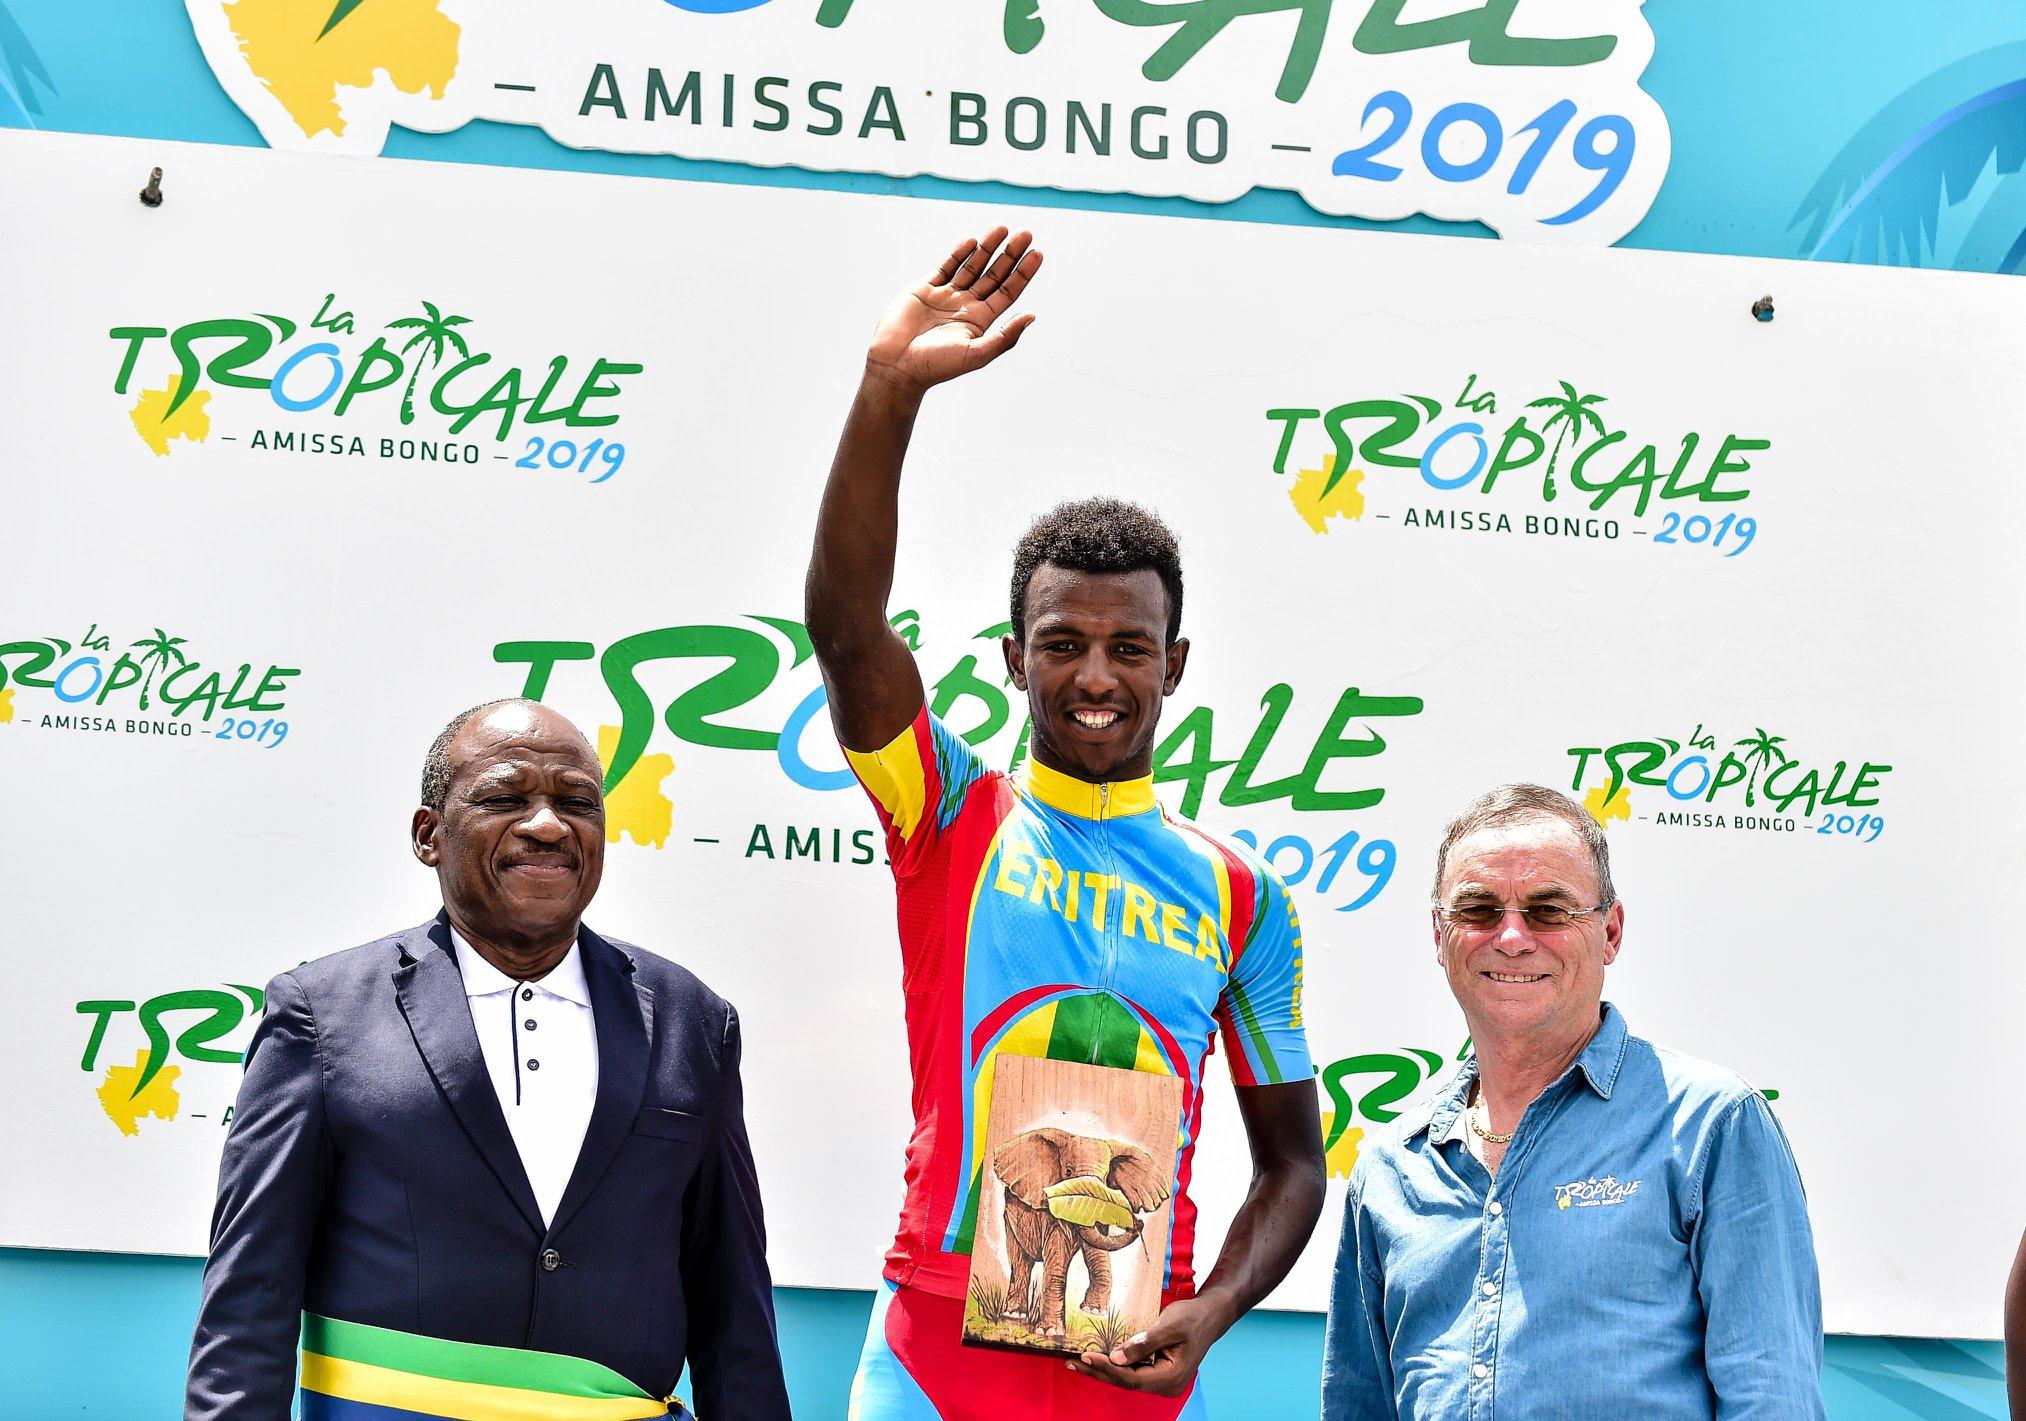 L'eritreo Biniam Girmay Hailu vince la terza tappa della Tropicale Amissa Bongo